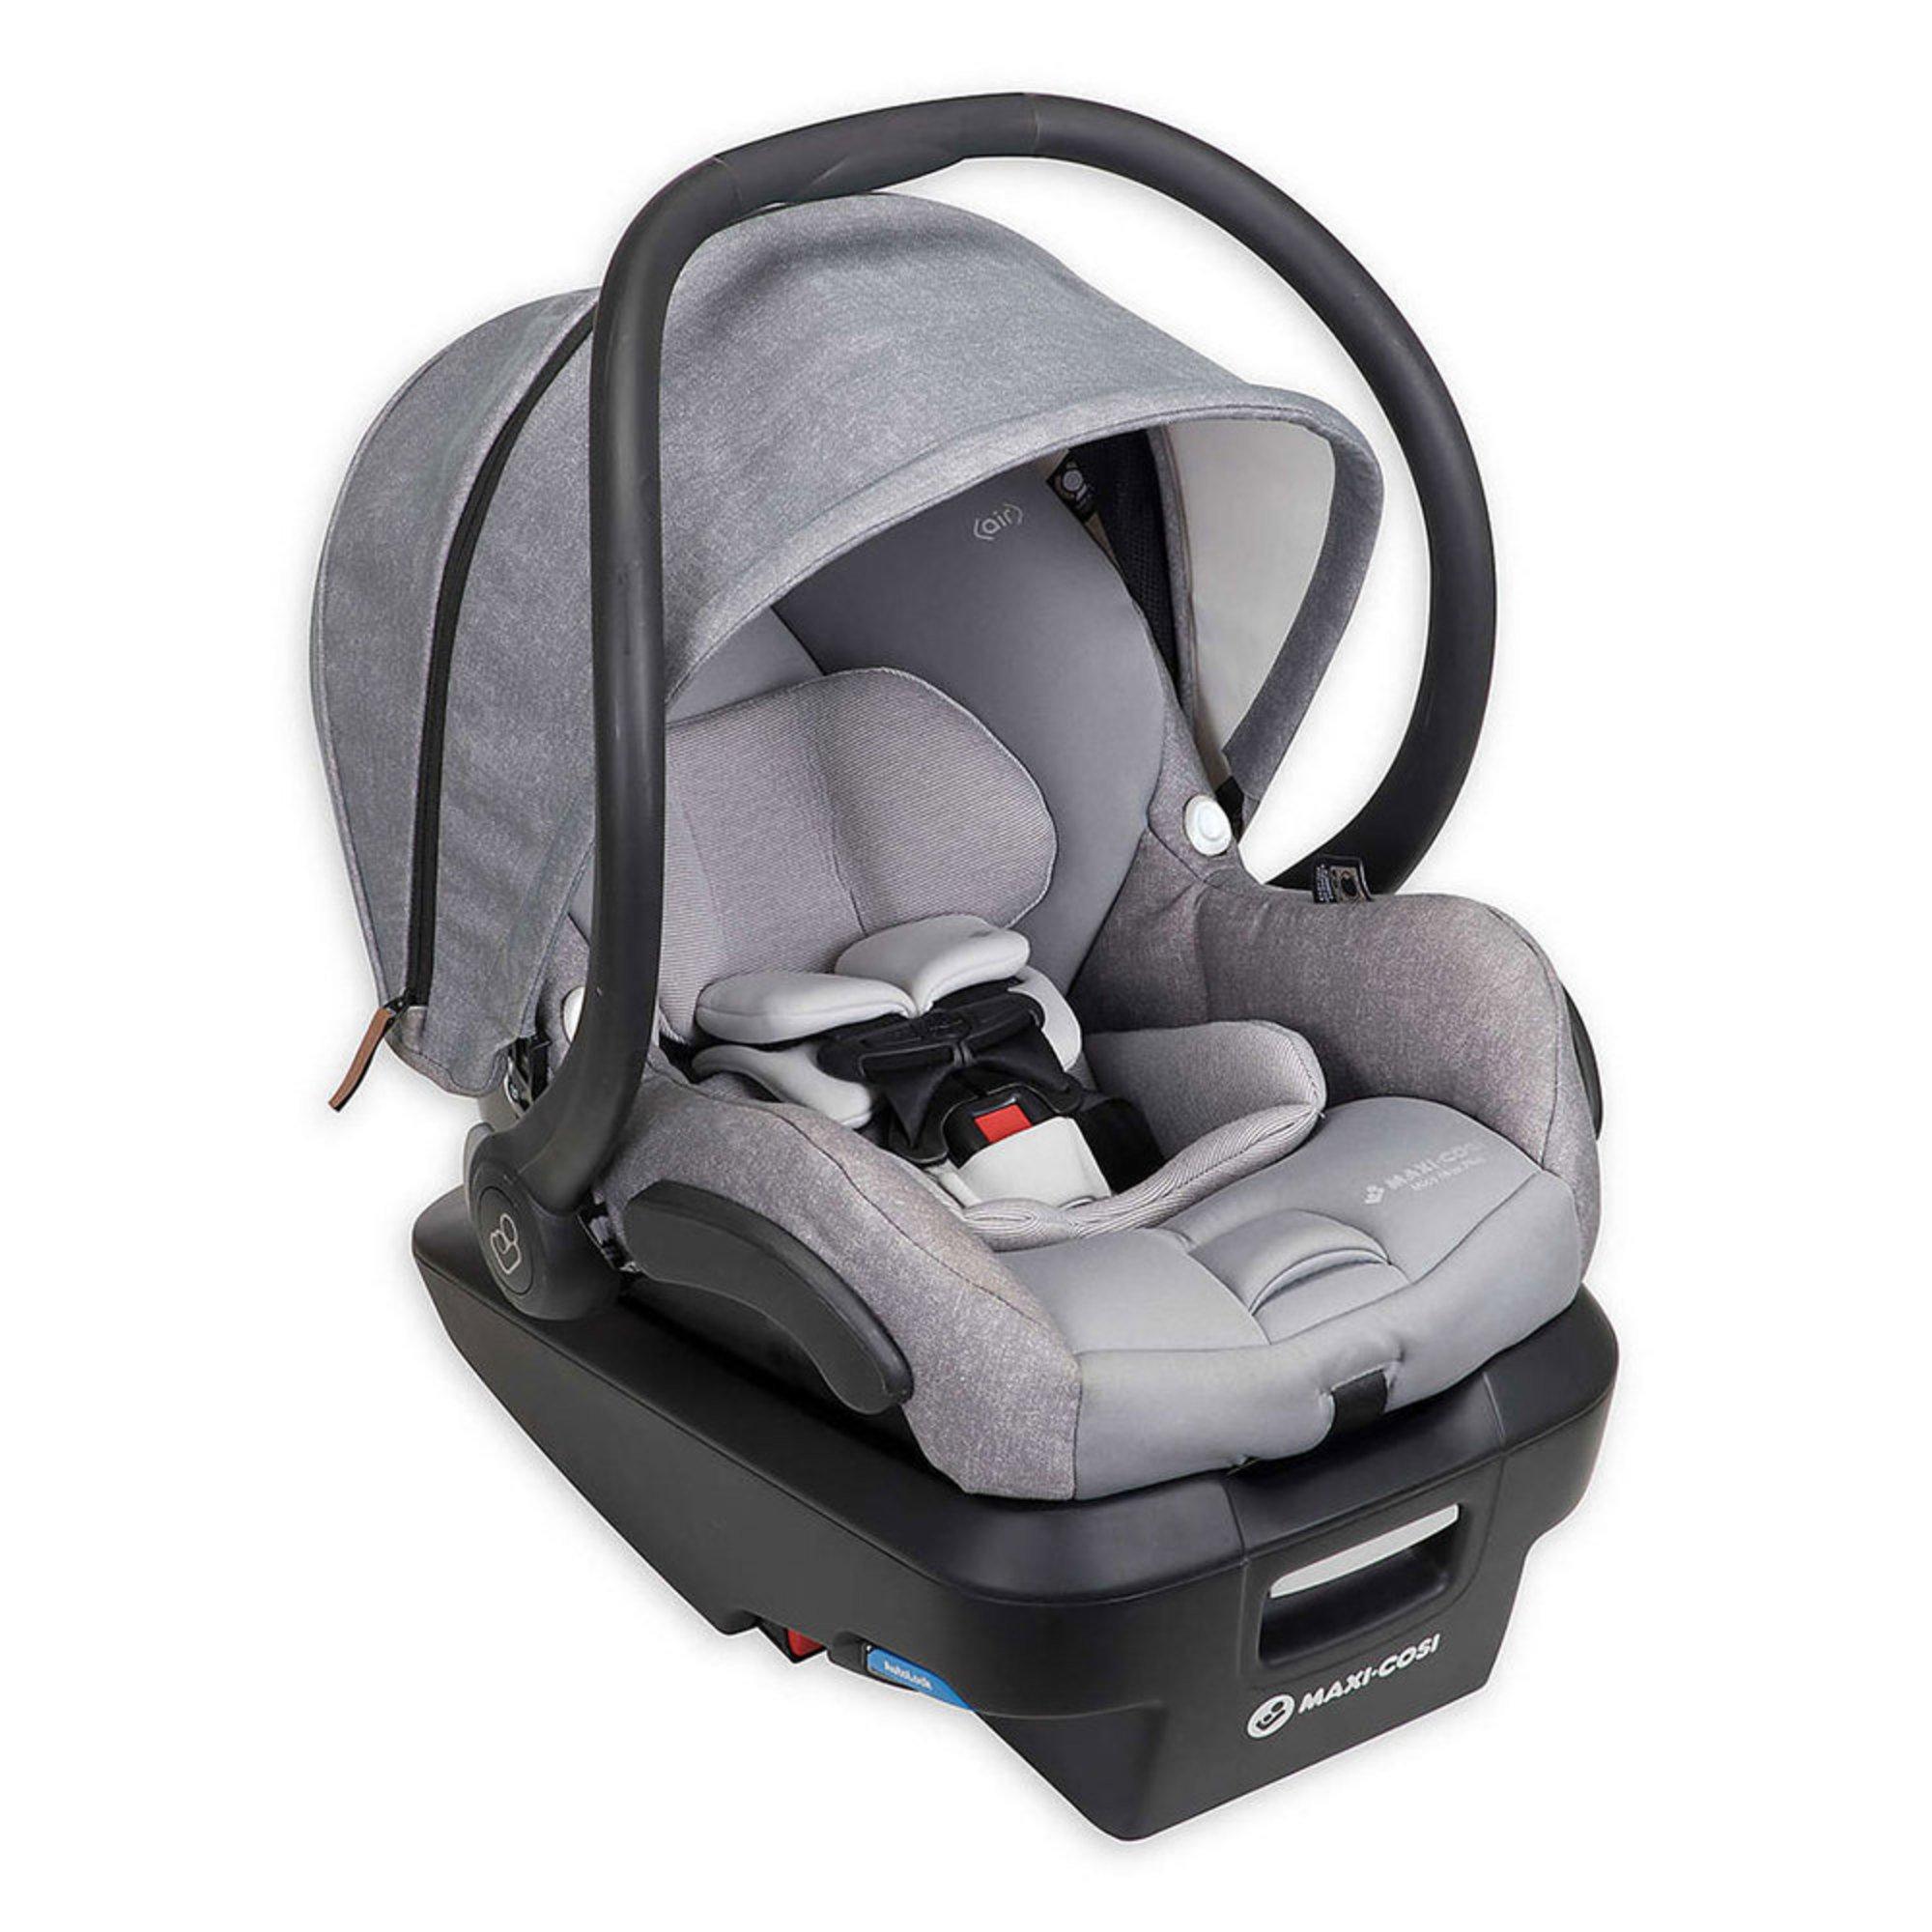 Maxi-Cosi Mico Max Plus Infant Car Seat,